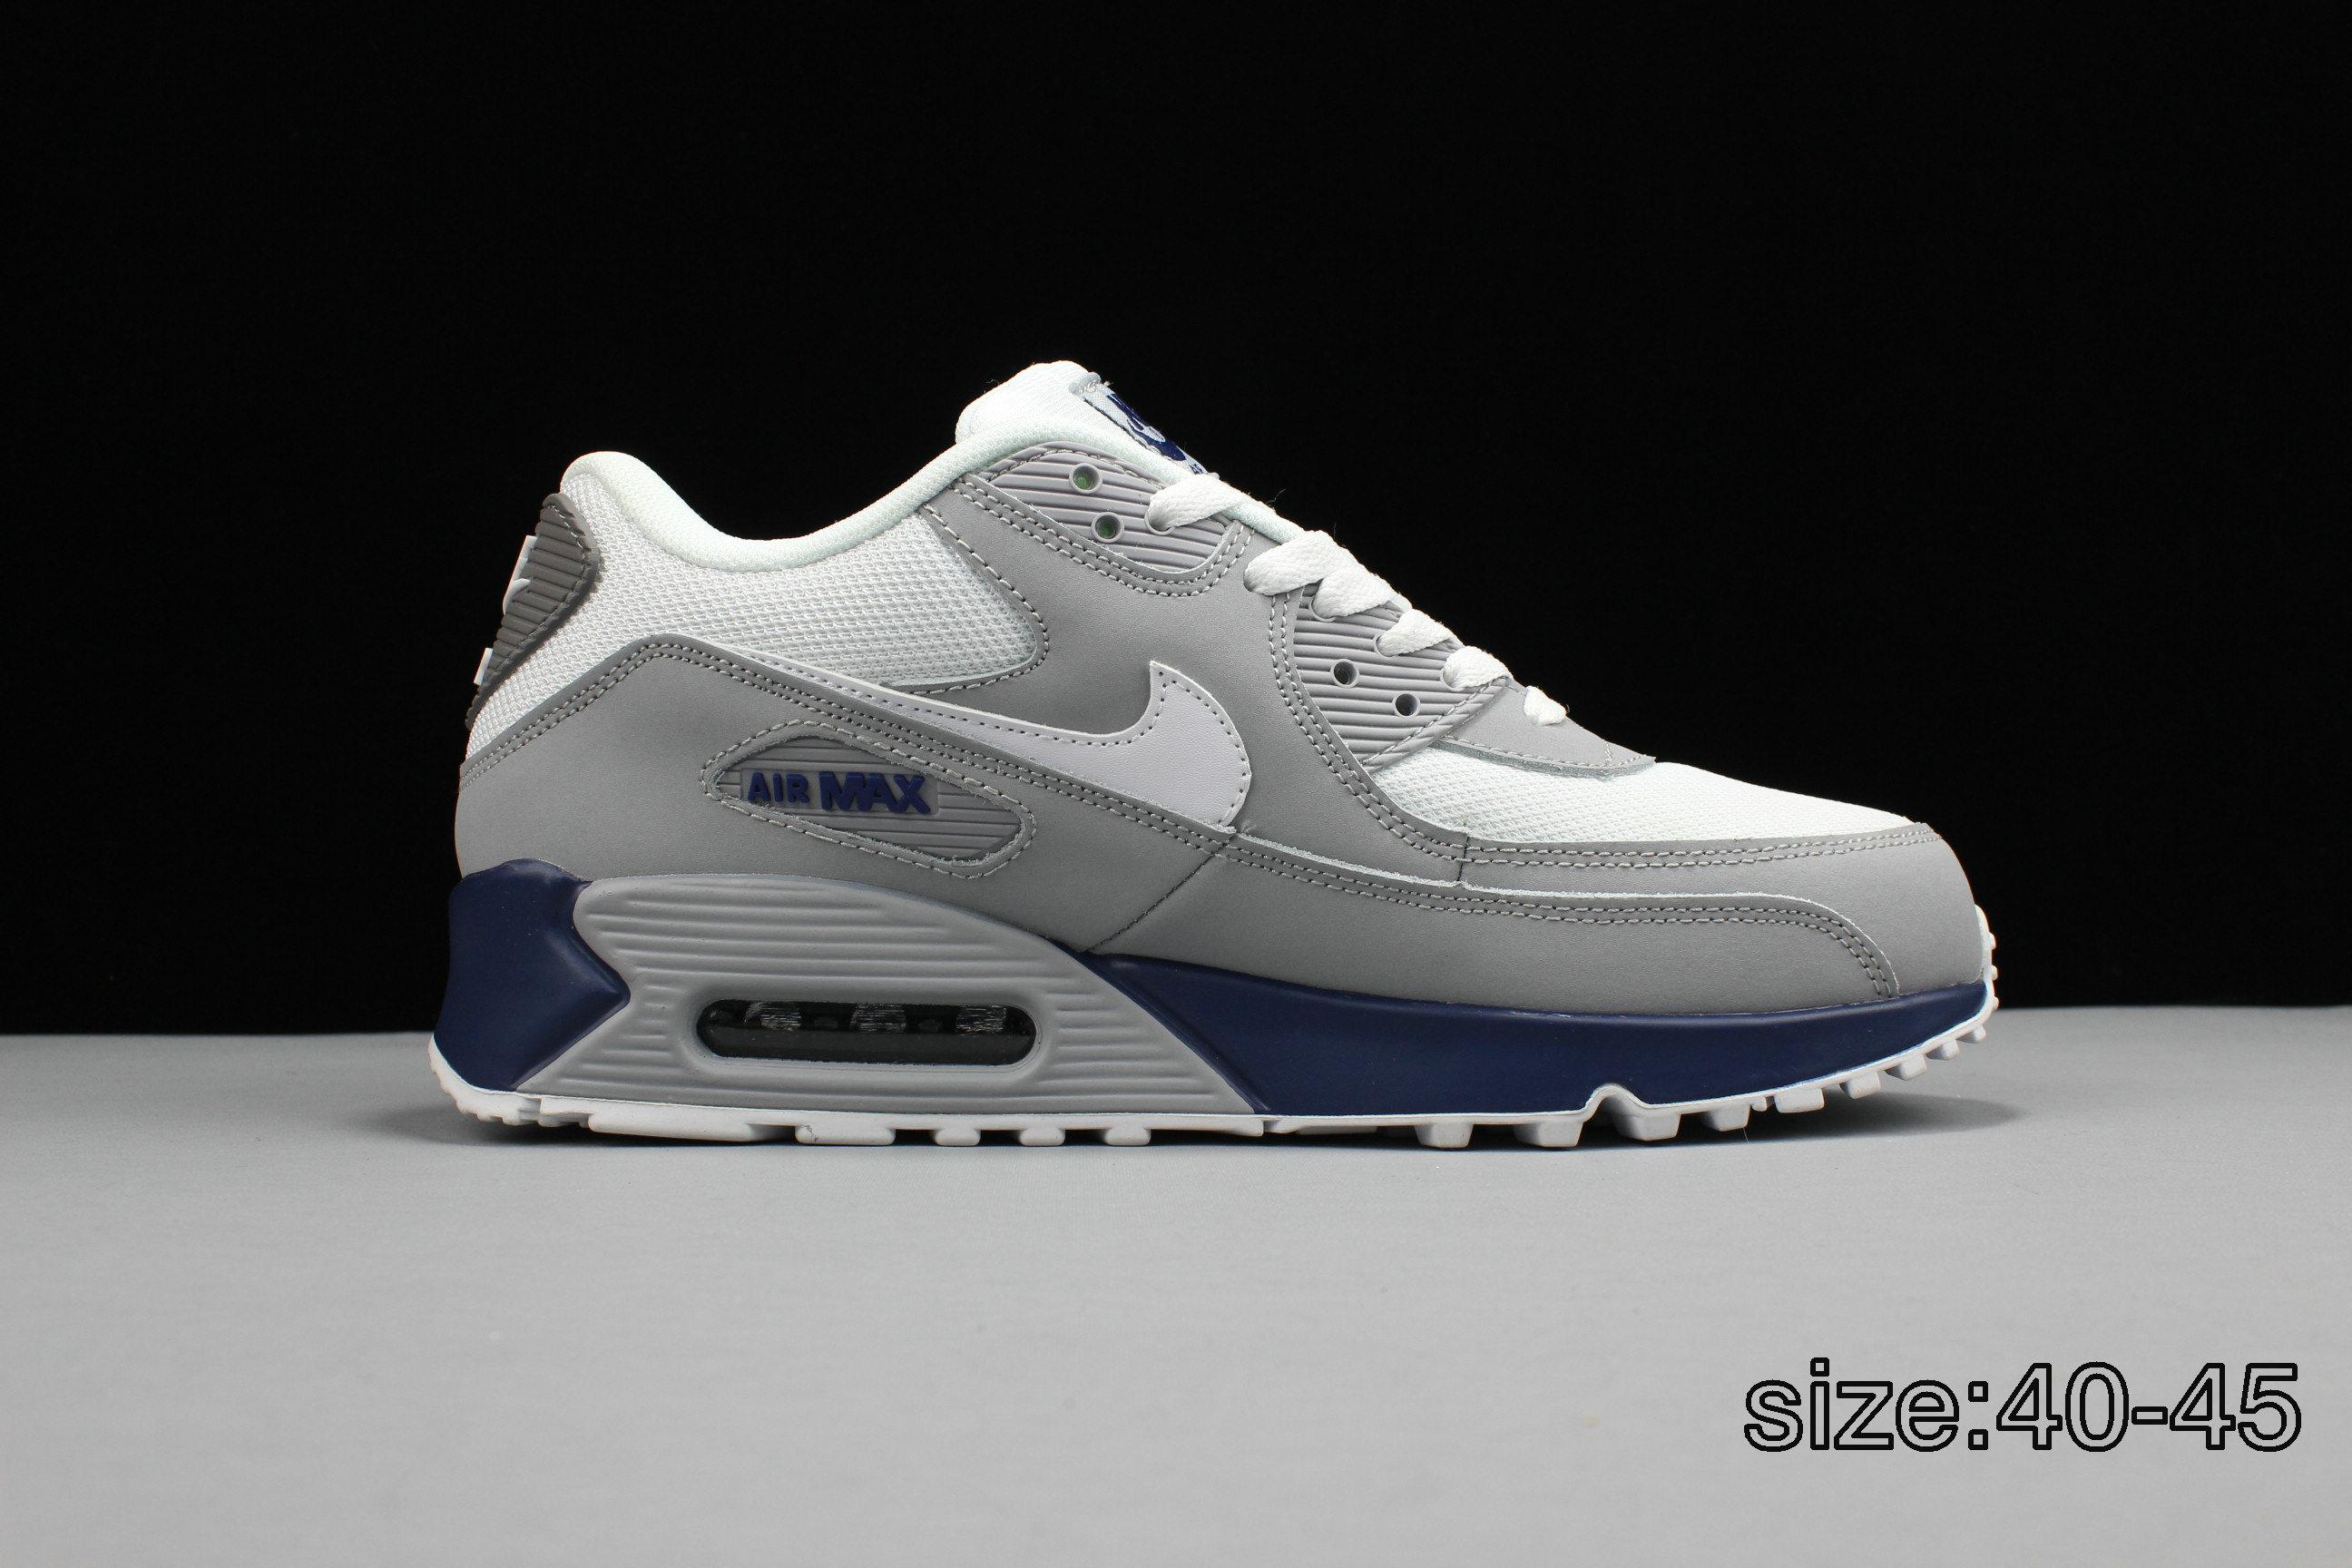 9c55051a66 ... NIKE AIR MAX 90 STAR GREY BLUE Air Max 90 - Nike - 325018 144 - white  varsity blue-ntrl ...